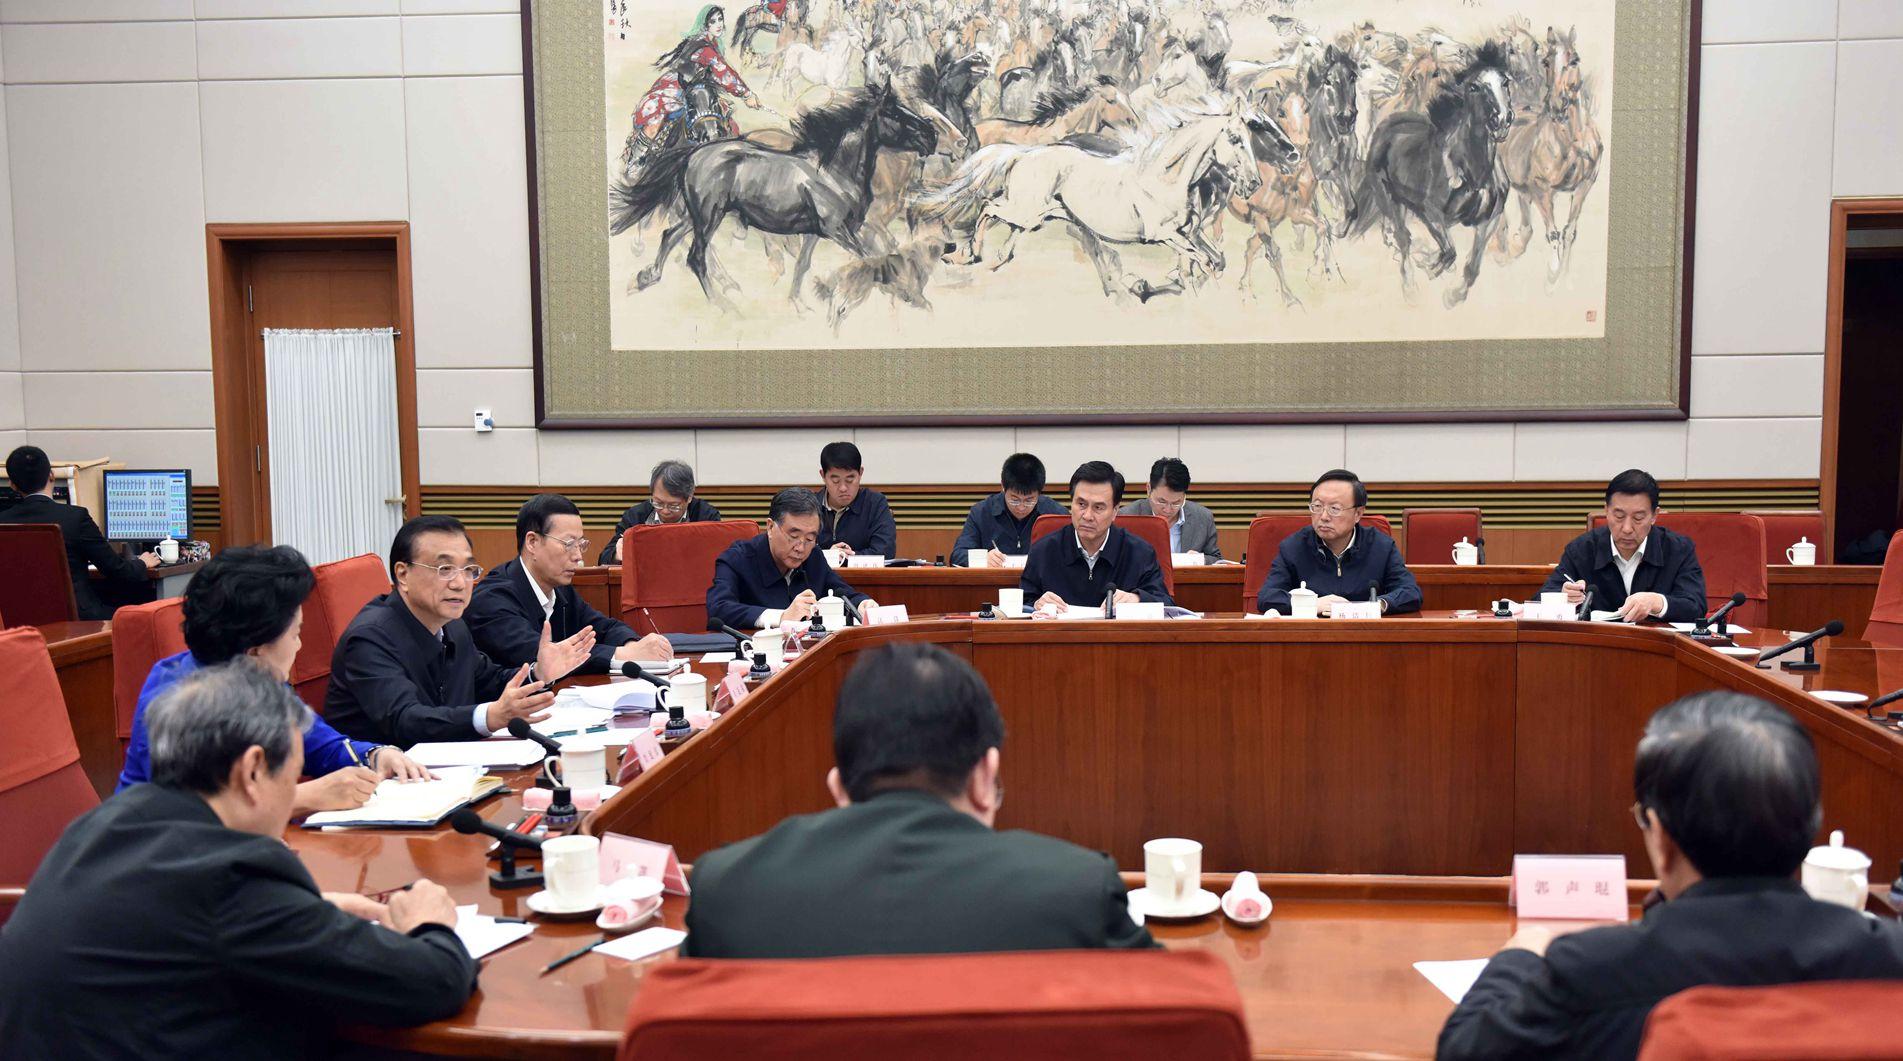 李克强主持召开中共国务院党组会议并讲话